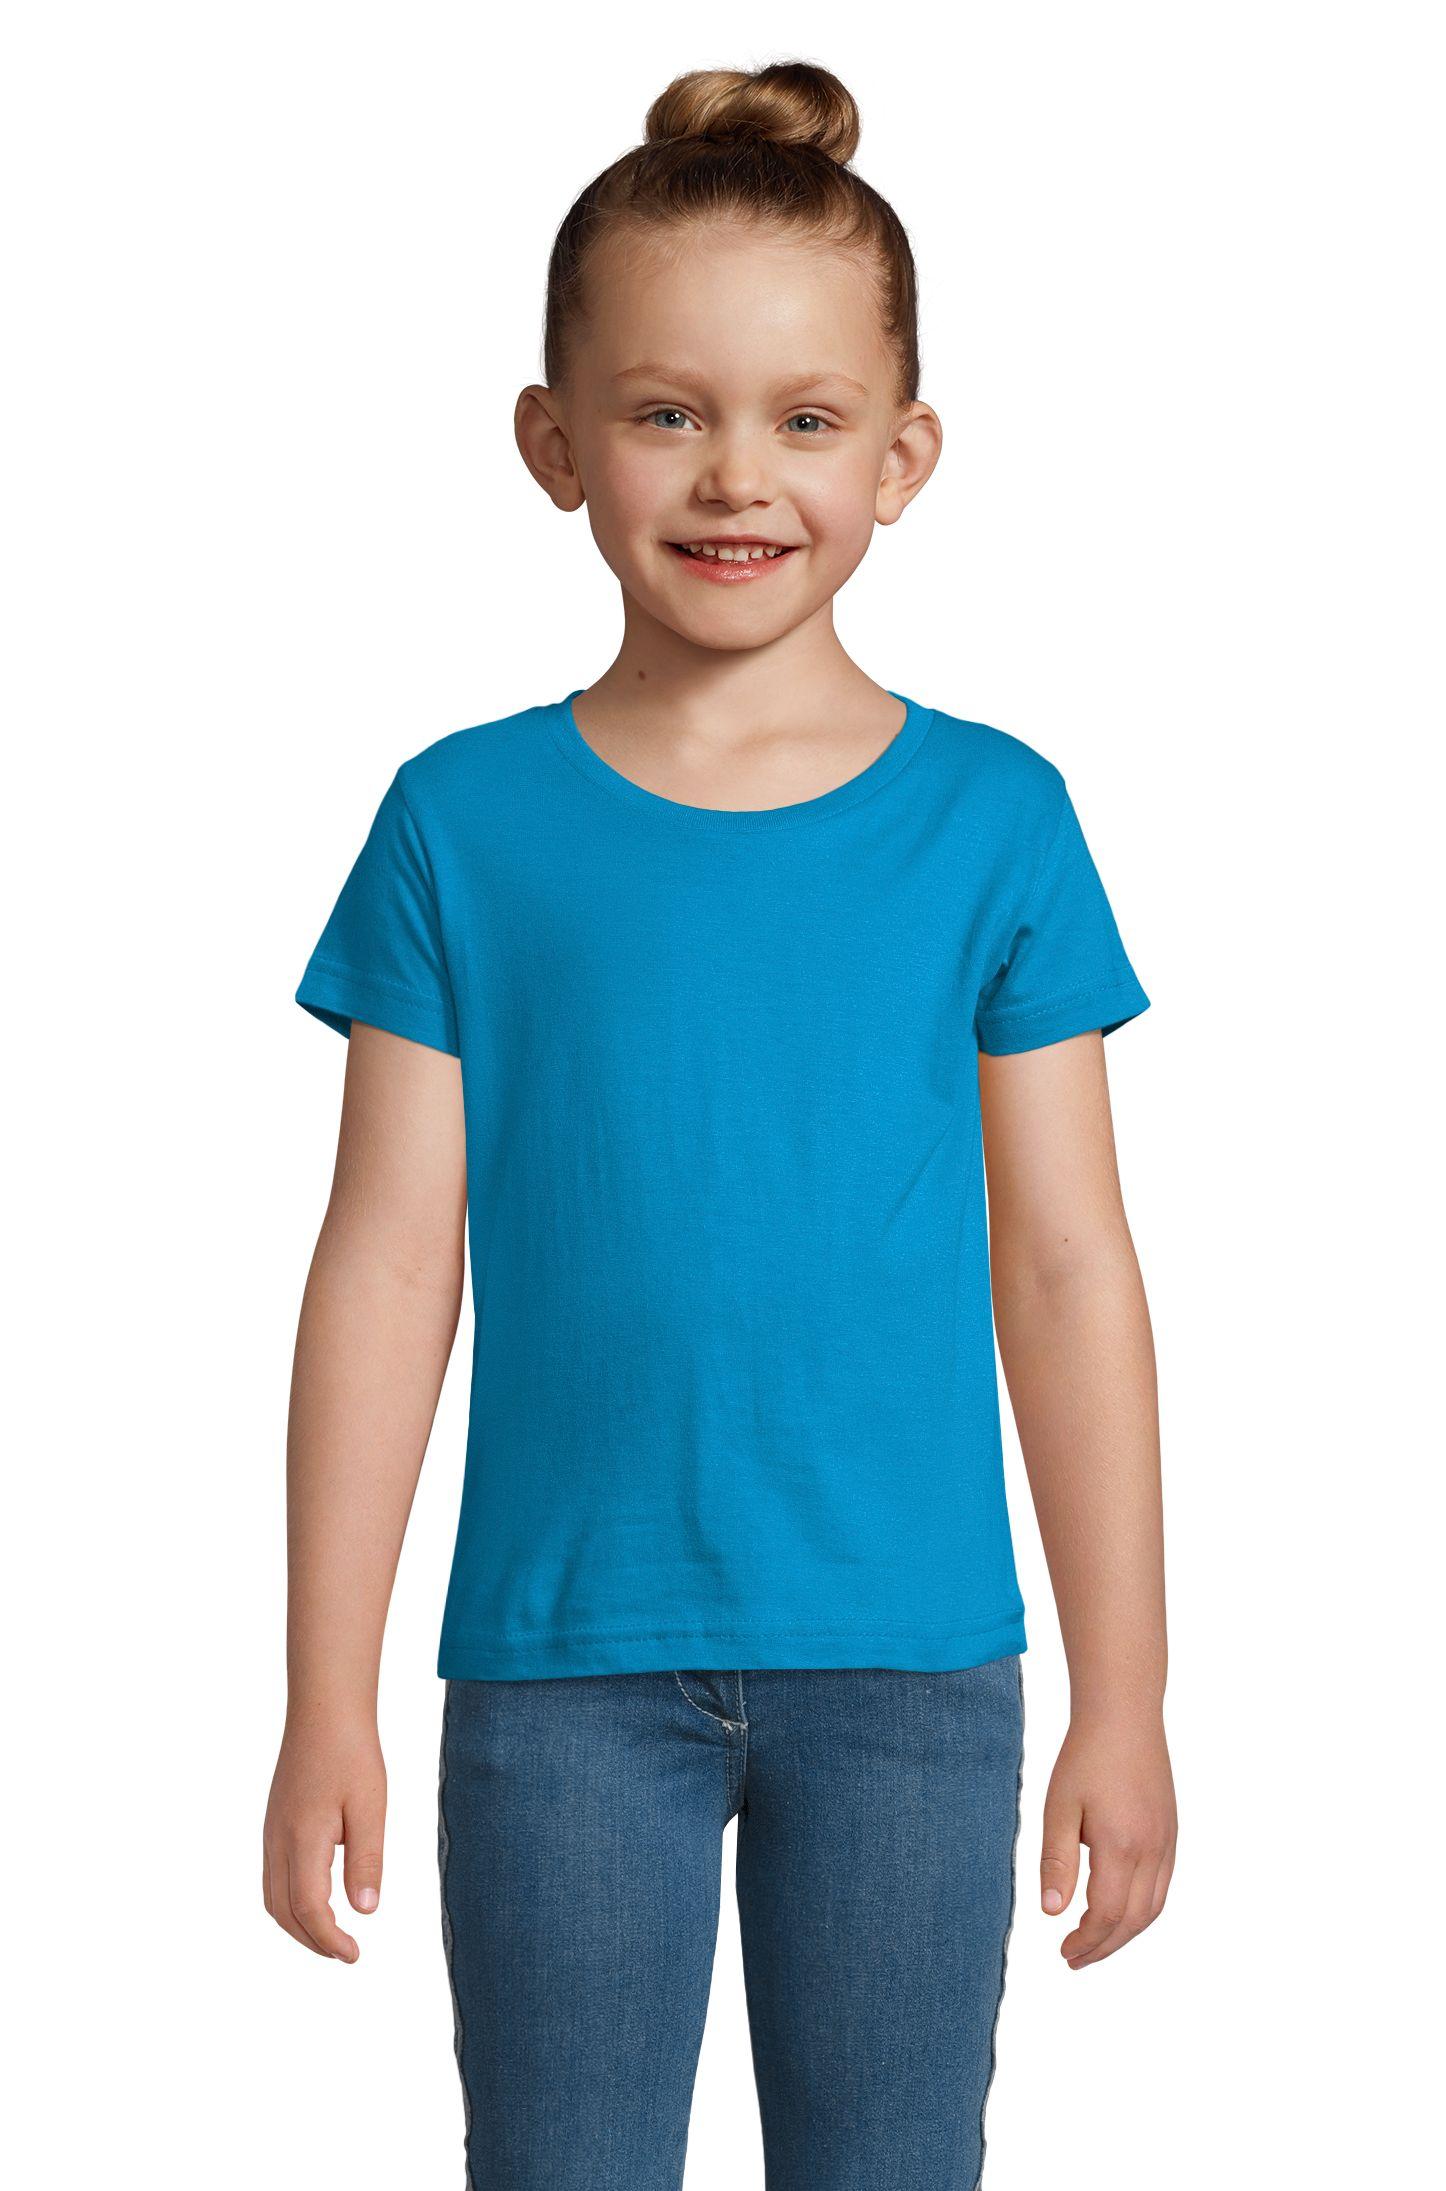 11. Aquablauw